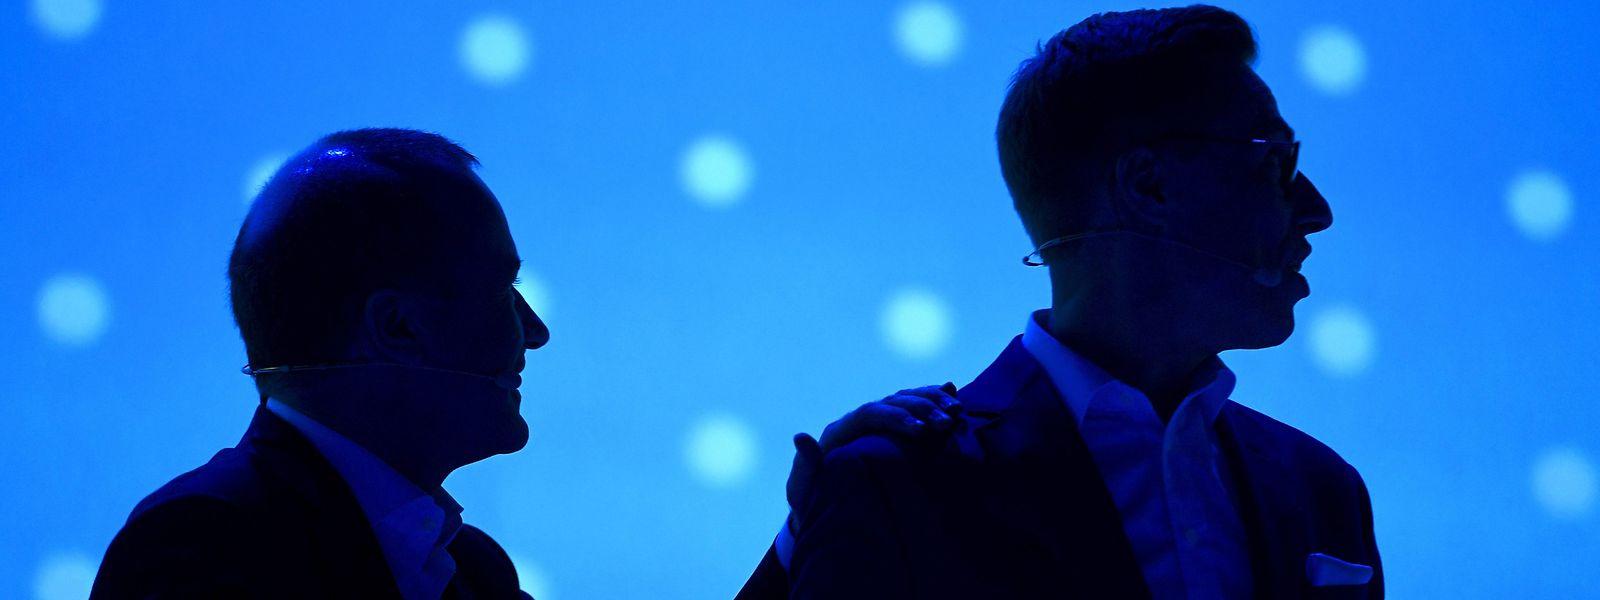 Die Silhouetten der beiden konkurrierenden Kandidaten für die Leitung der EVP, Alexander Stubb (r) aus Finnland und Manfred Weber aus Deutschland.